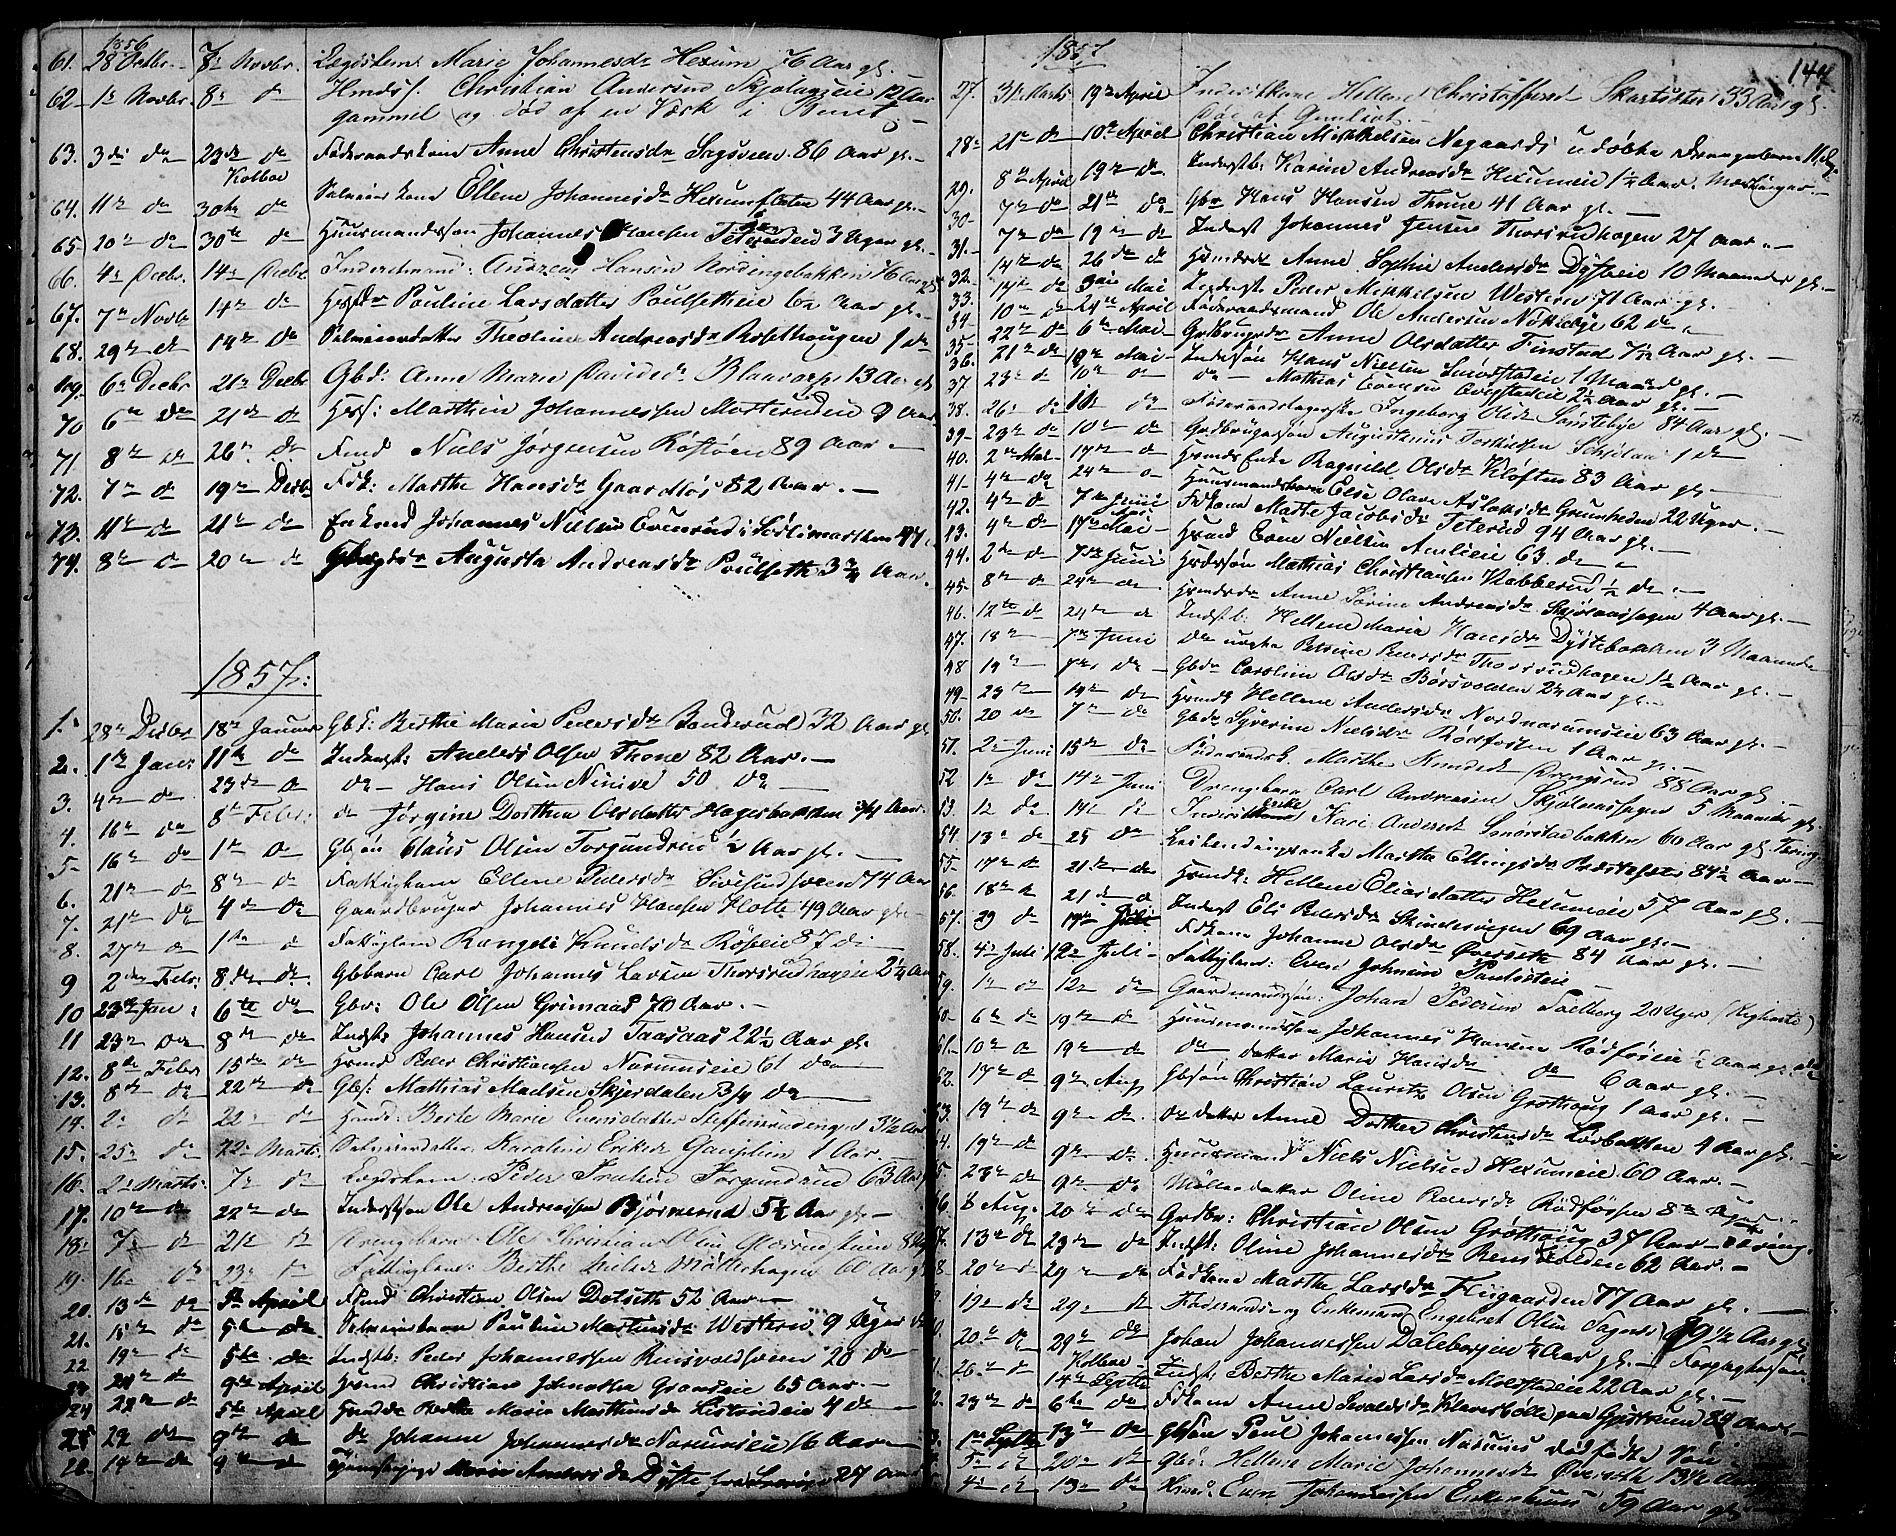 SAH, Vestre Toten prestekontor, Klokkerbok nr. 5, 1854-1870, s. 147